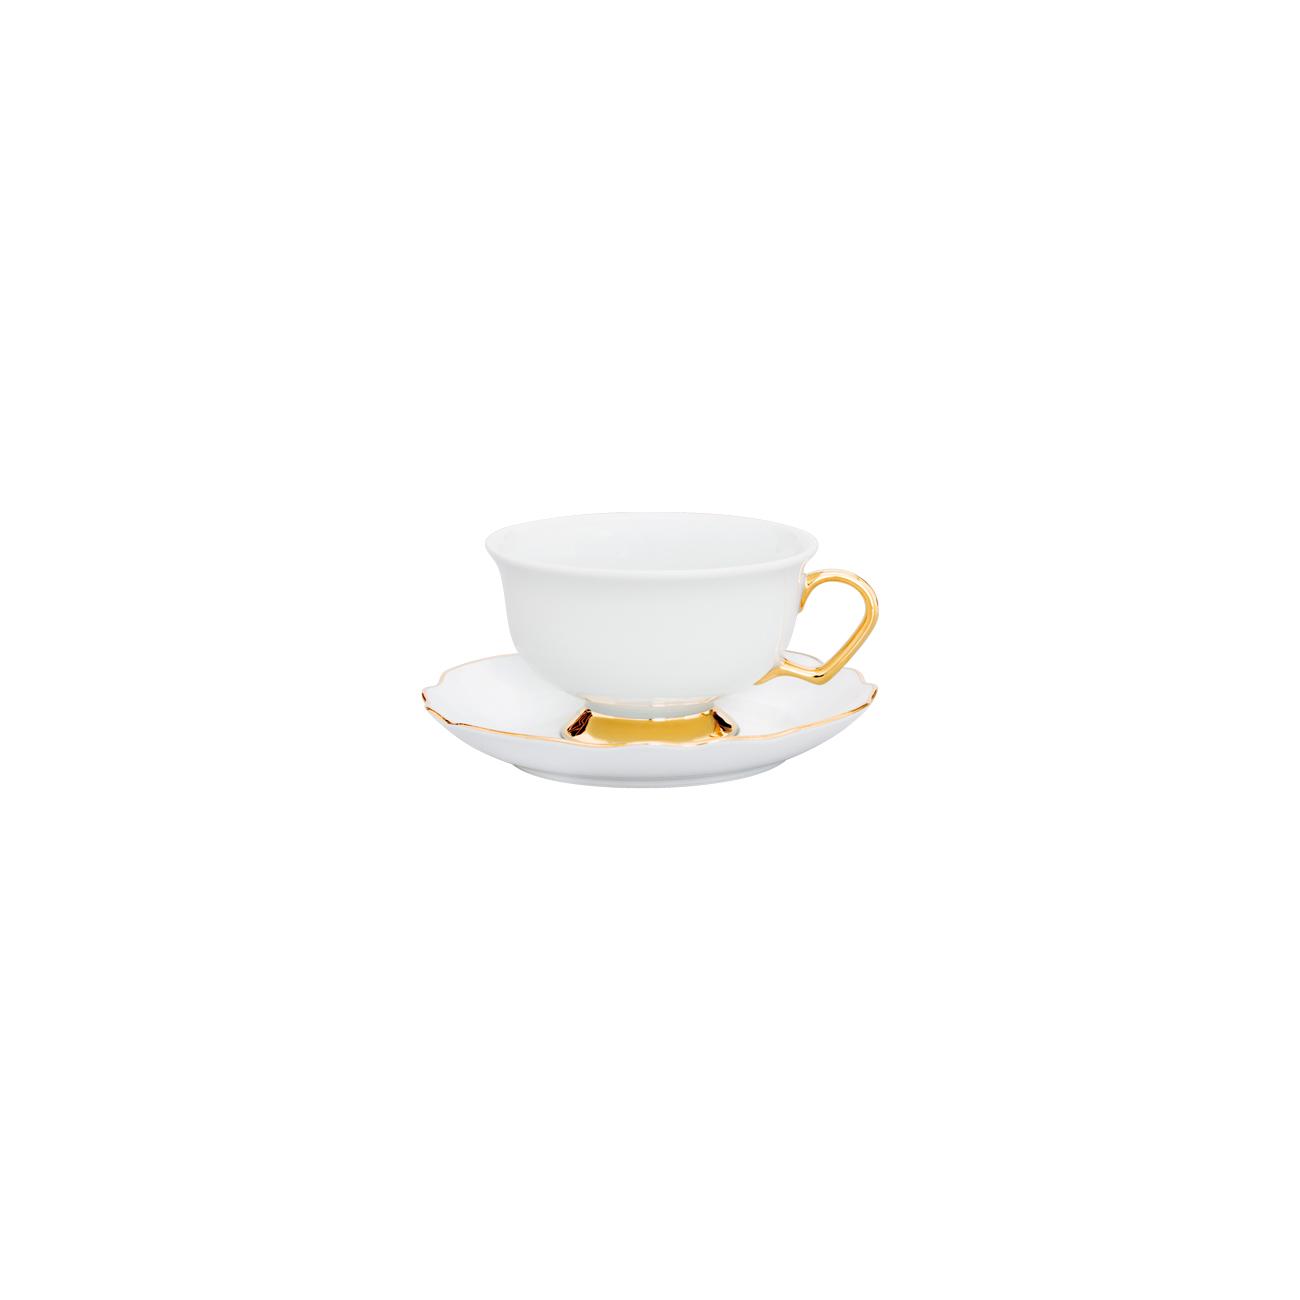 Chávena Chá 24cl Rim PK + Pires Chá 14cm Viena 0